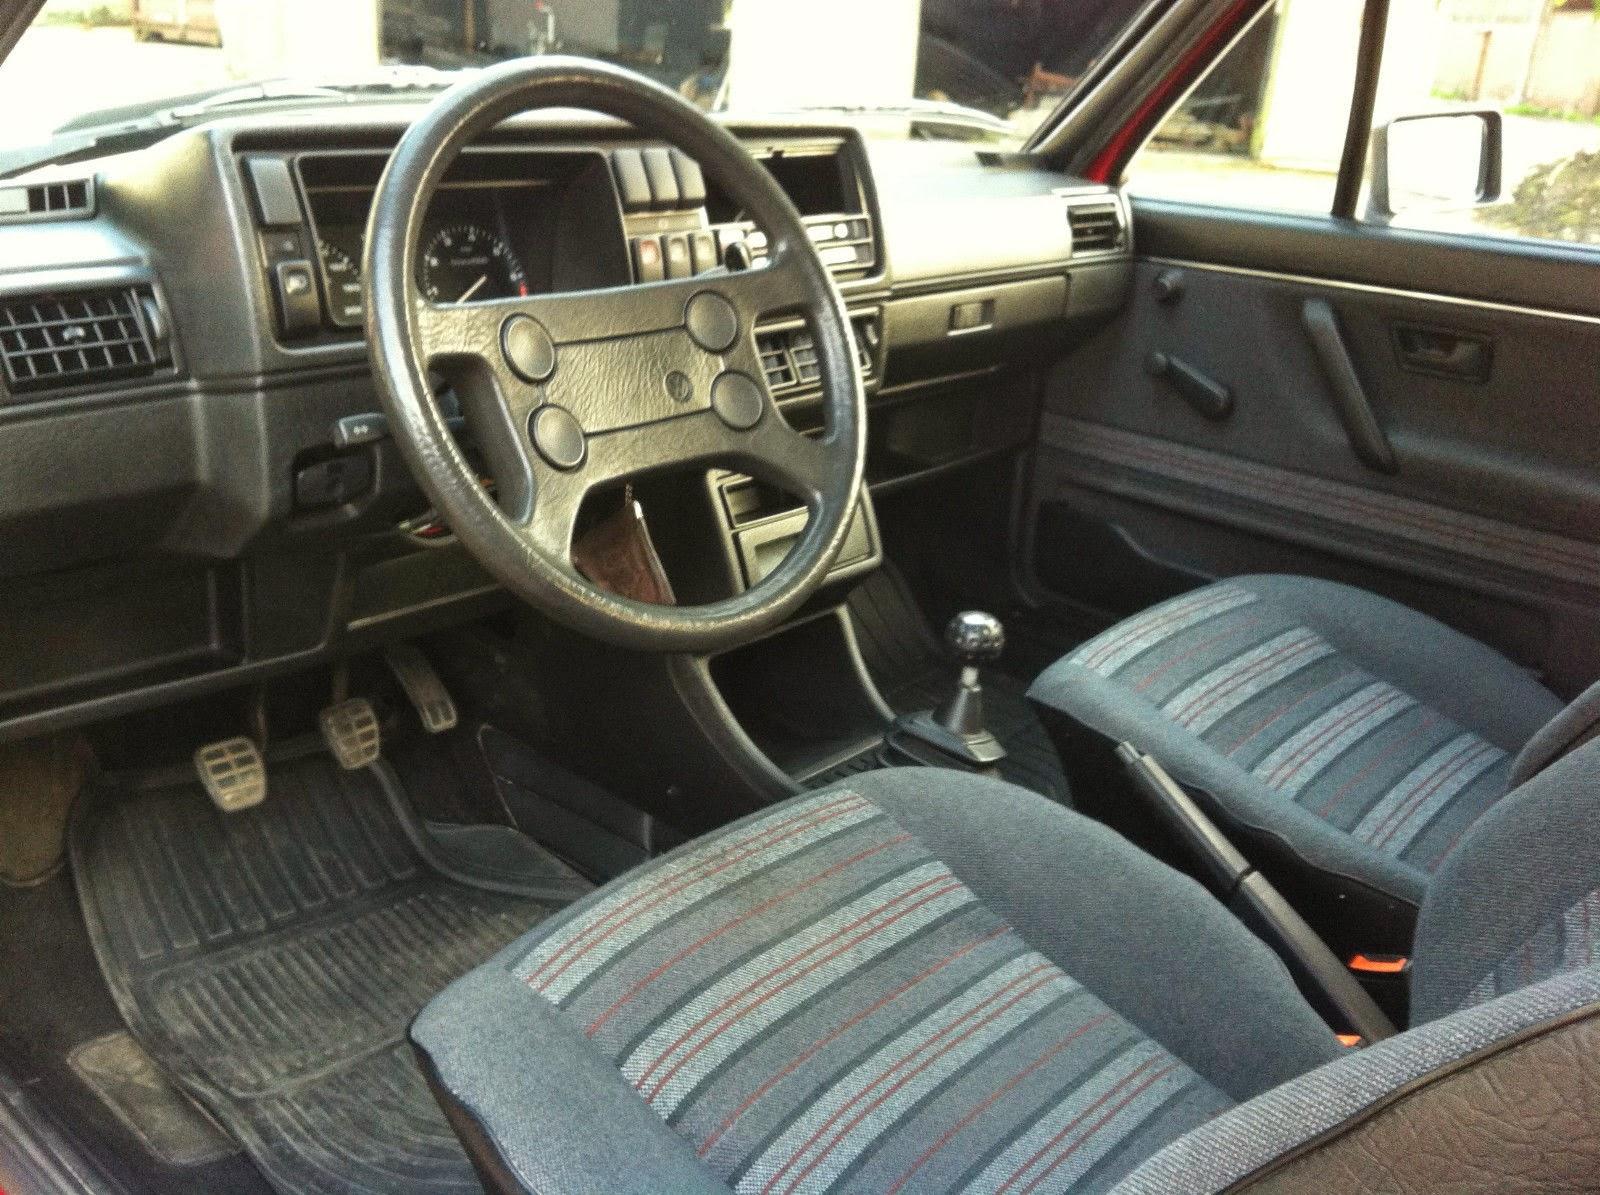 VW Golf For Sale >> 1985 Volkswagen Golf GT MK2 not GTi - Buy Classic Volks